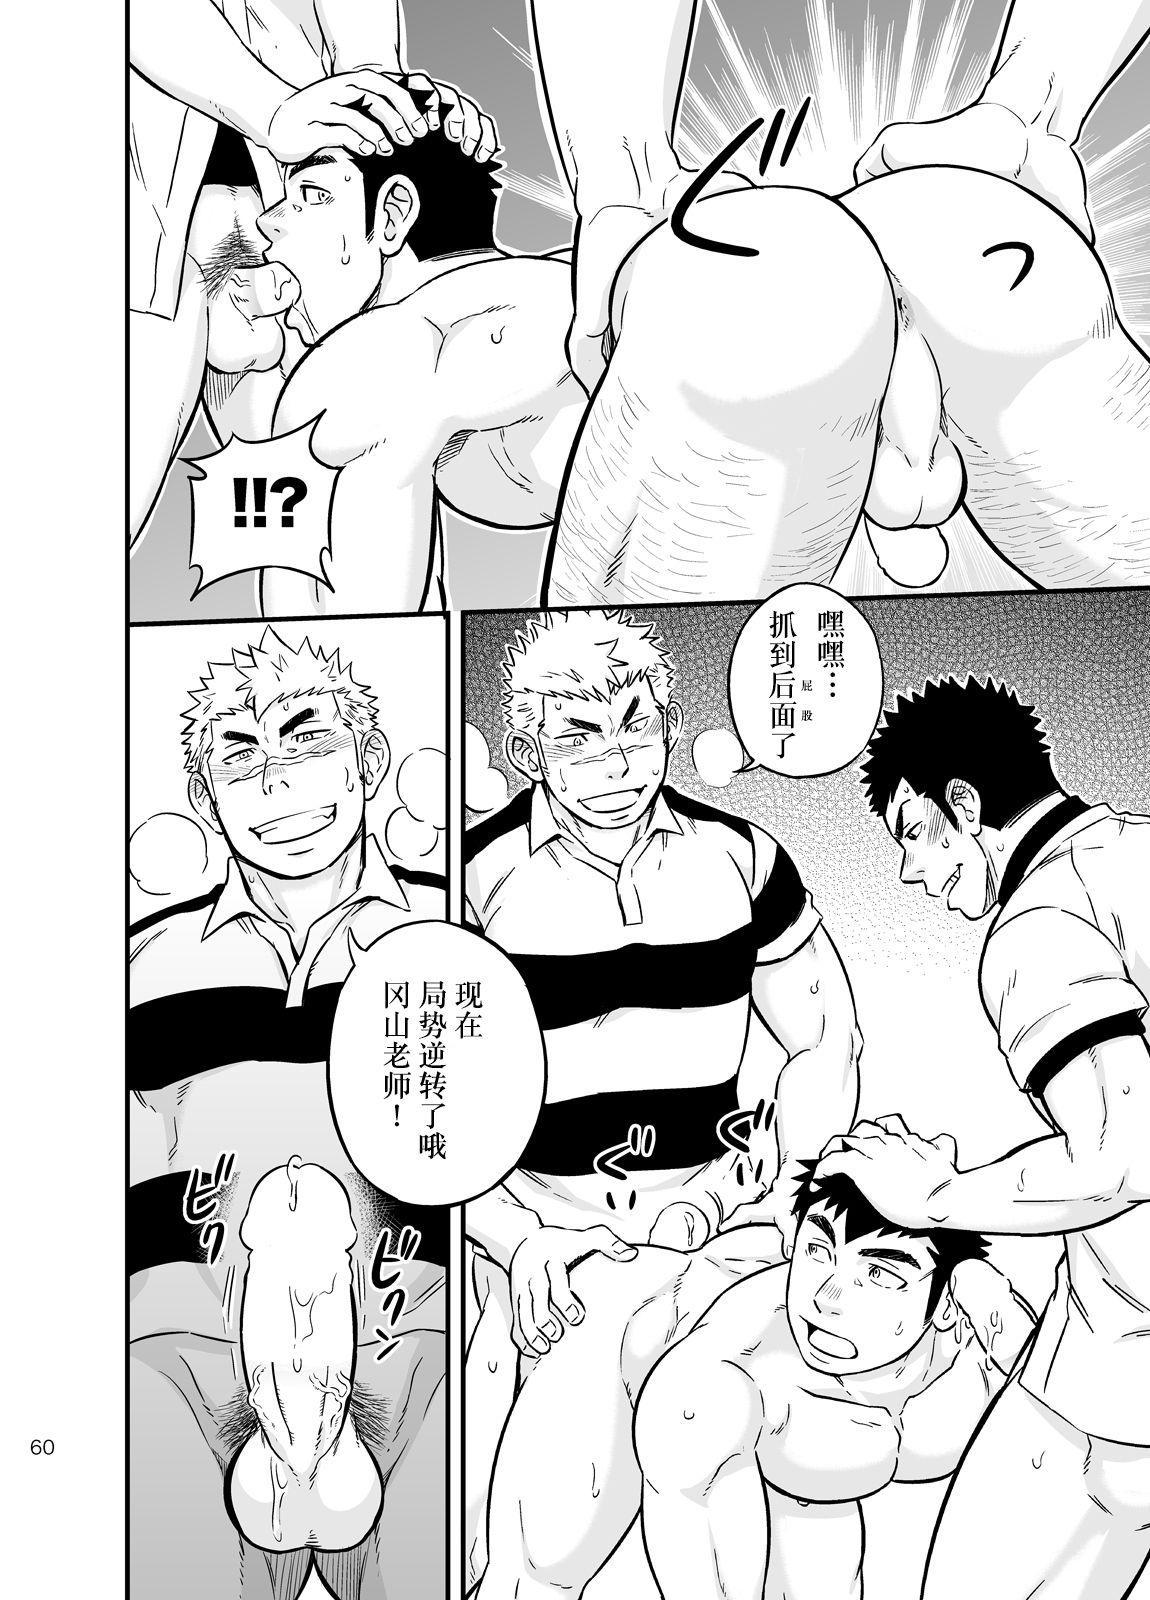 Moshimo Danshikou no Hoken Taiiku ga Jitsugi Ari Dattara 2 | 如果男校的保健体育课有实践环节的话 2 58